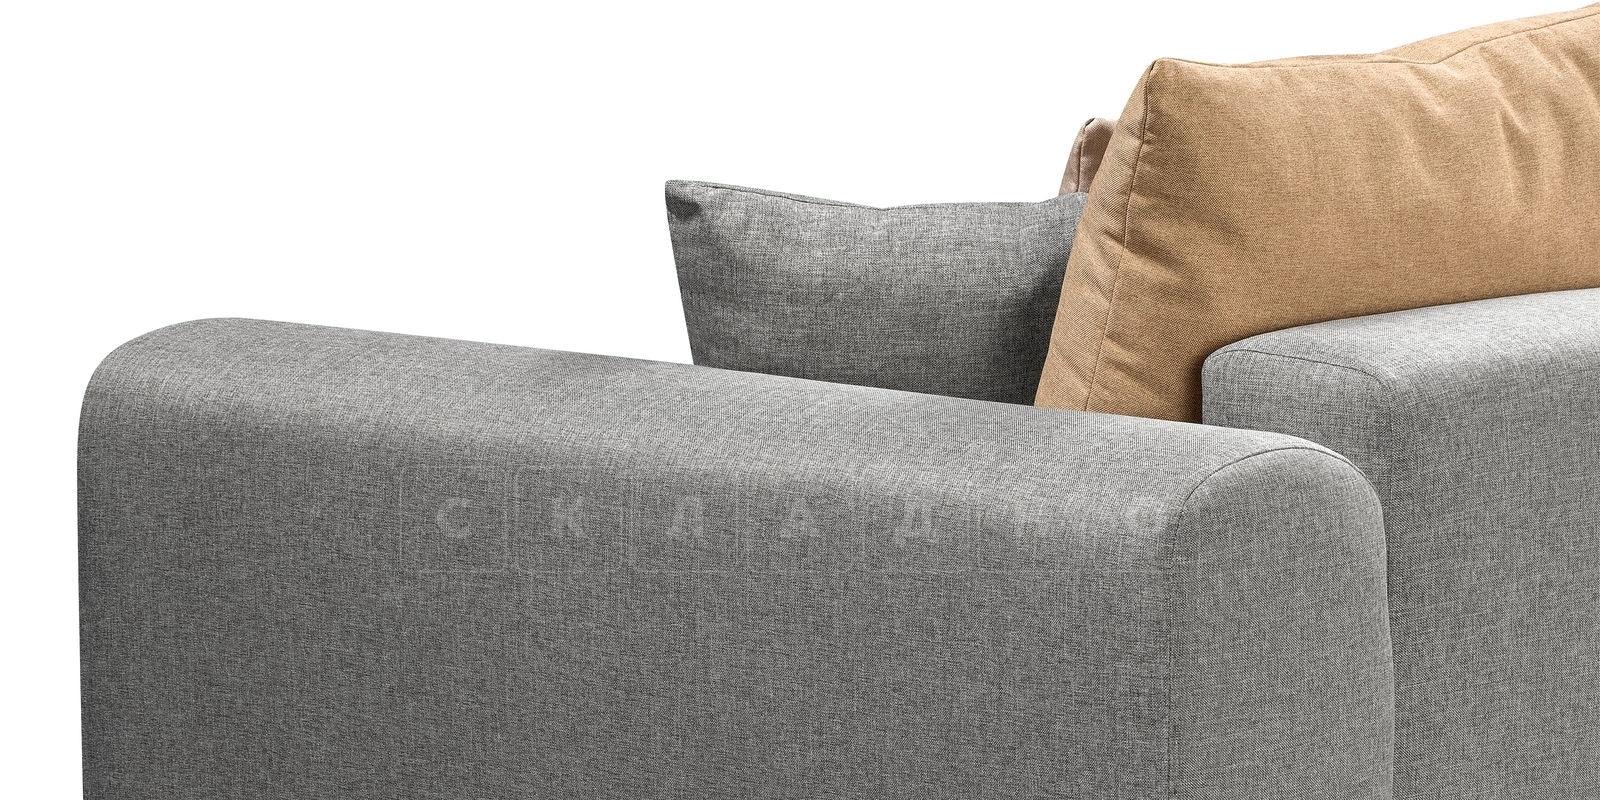 Диван Медисон серый 244 см фото 6   интернет-магазин Складно